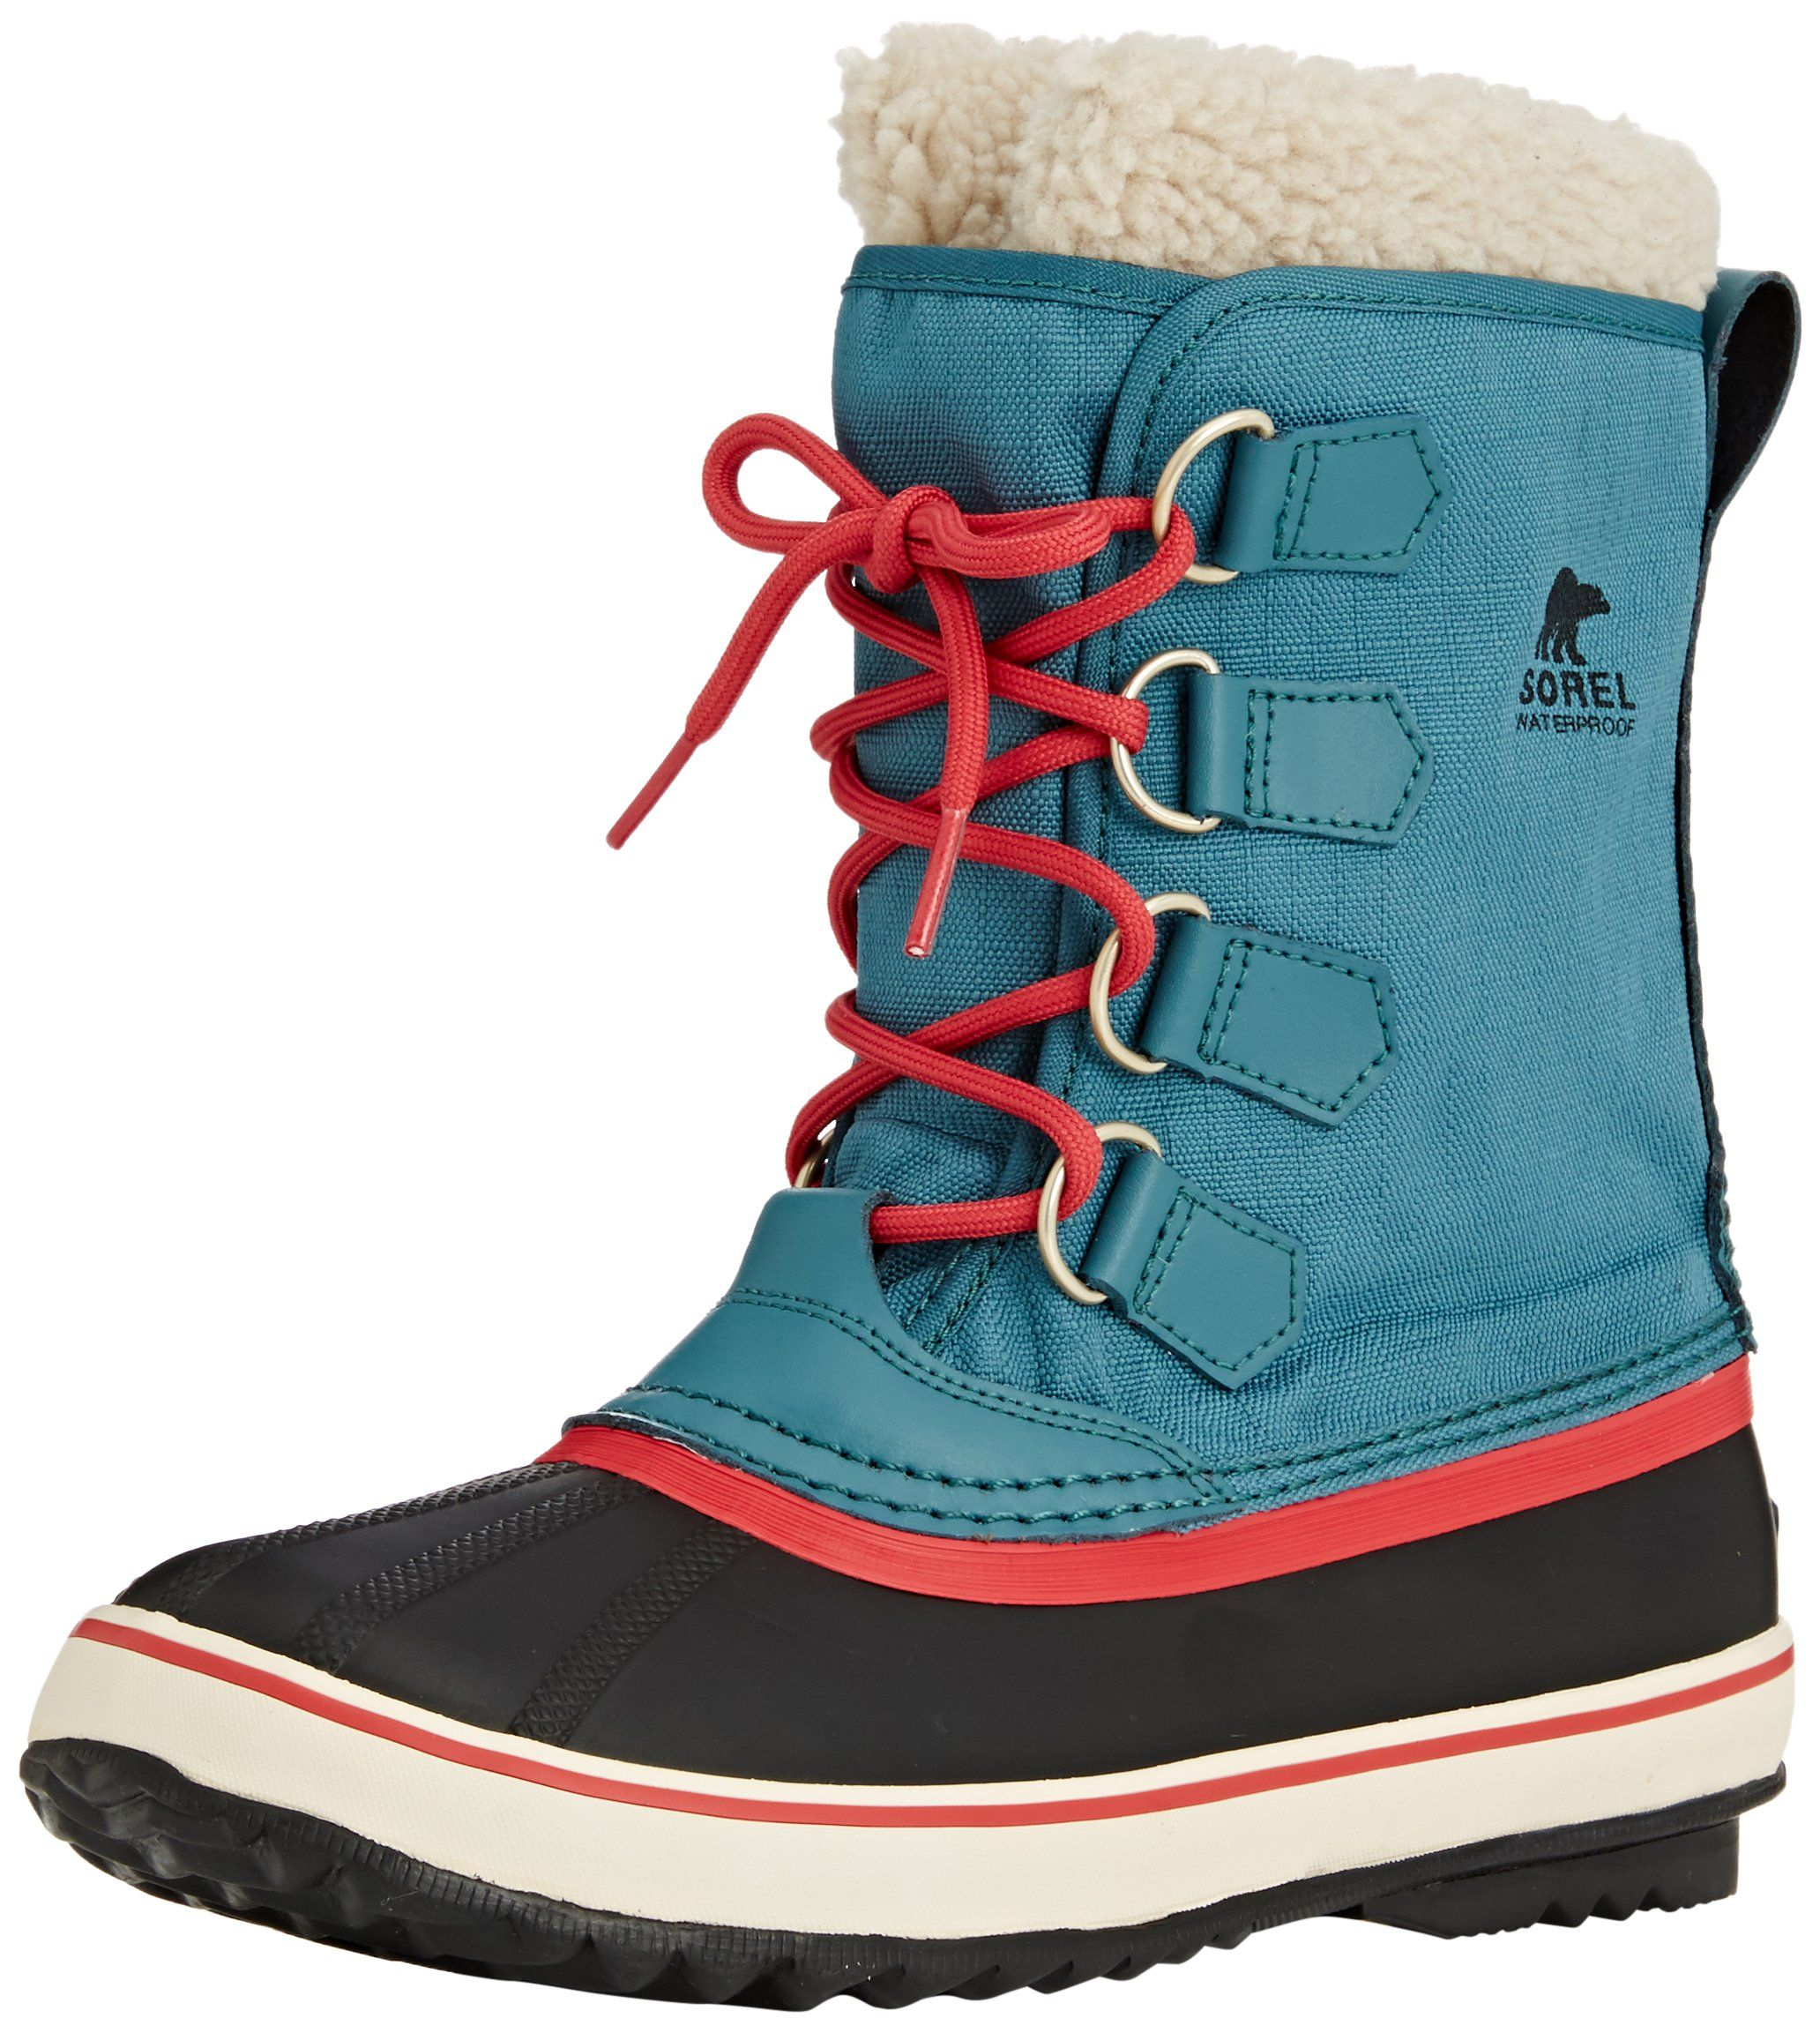 mujer y Carnival Sorel complementos Zapatos nieve Botas Winter la para para Amazon es xqCw0U5PC